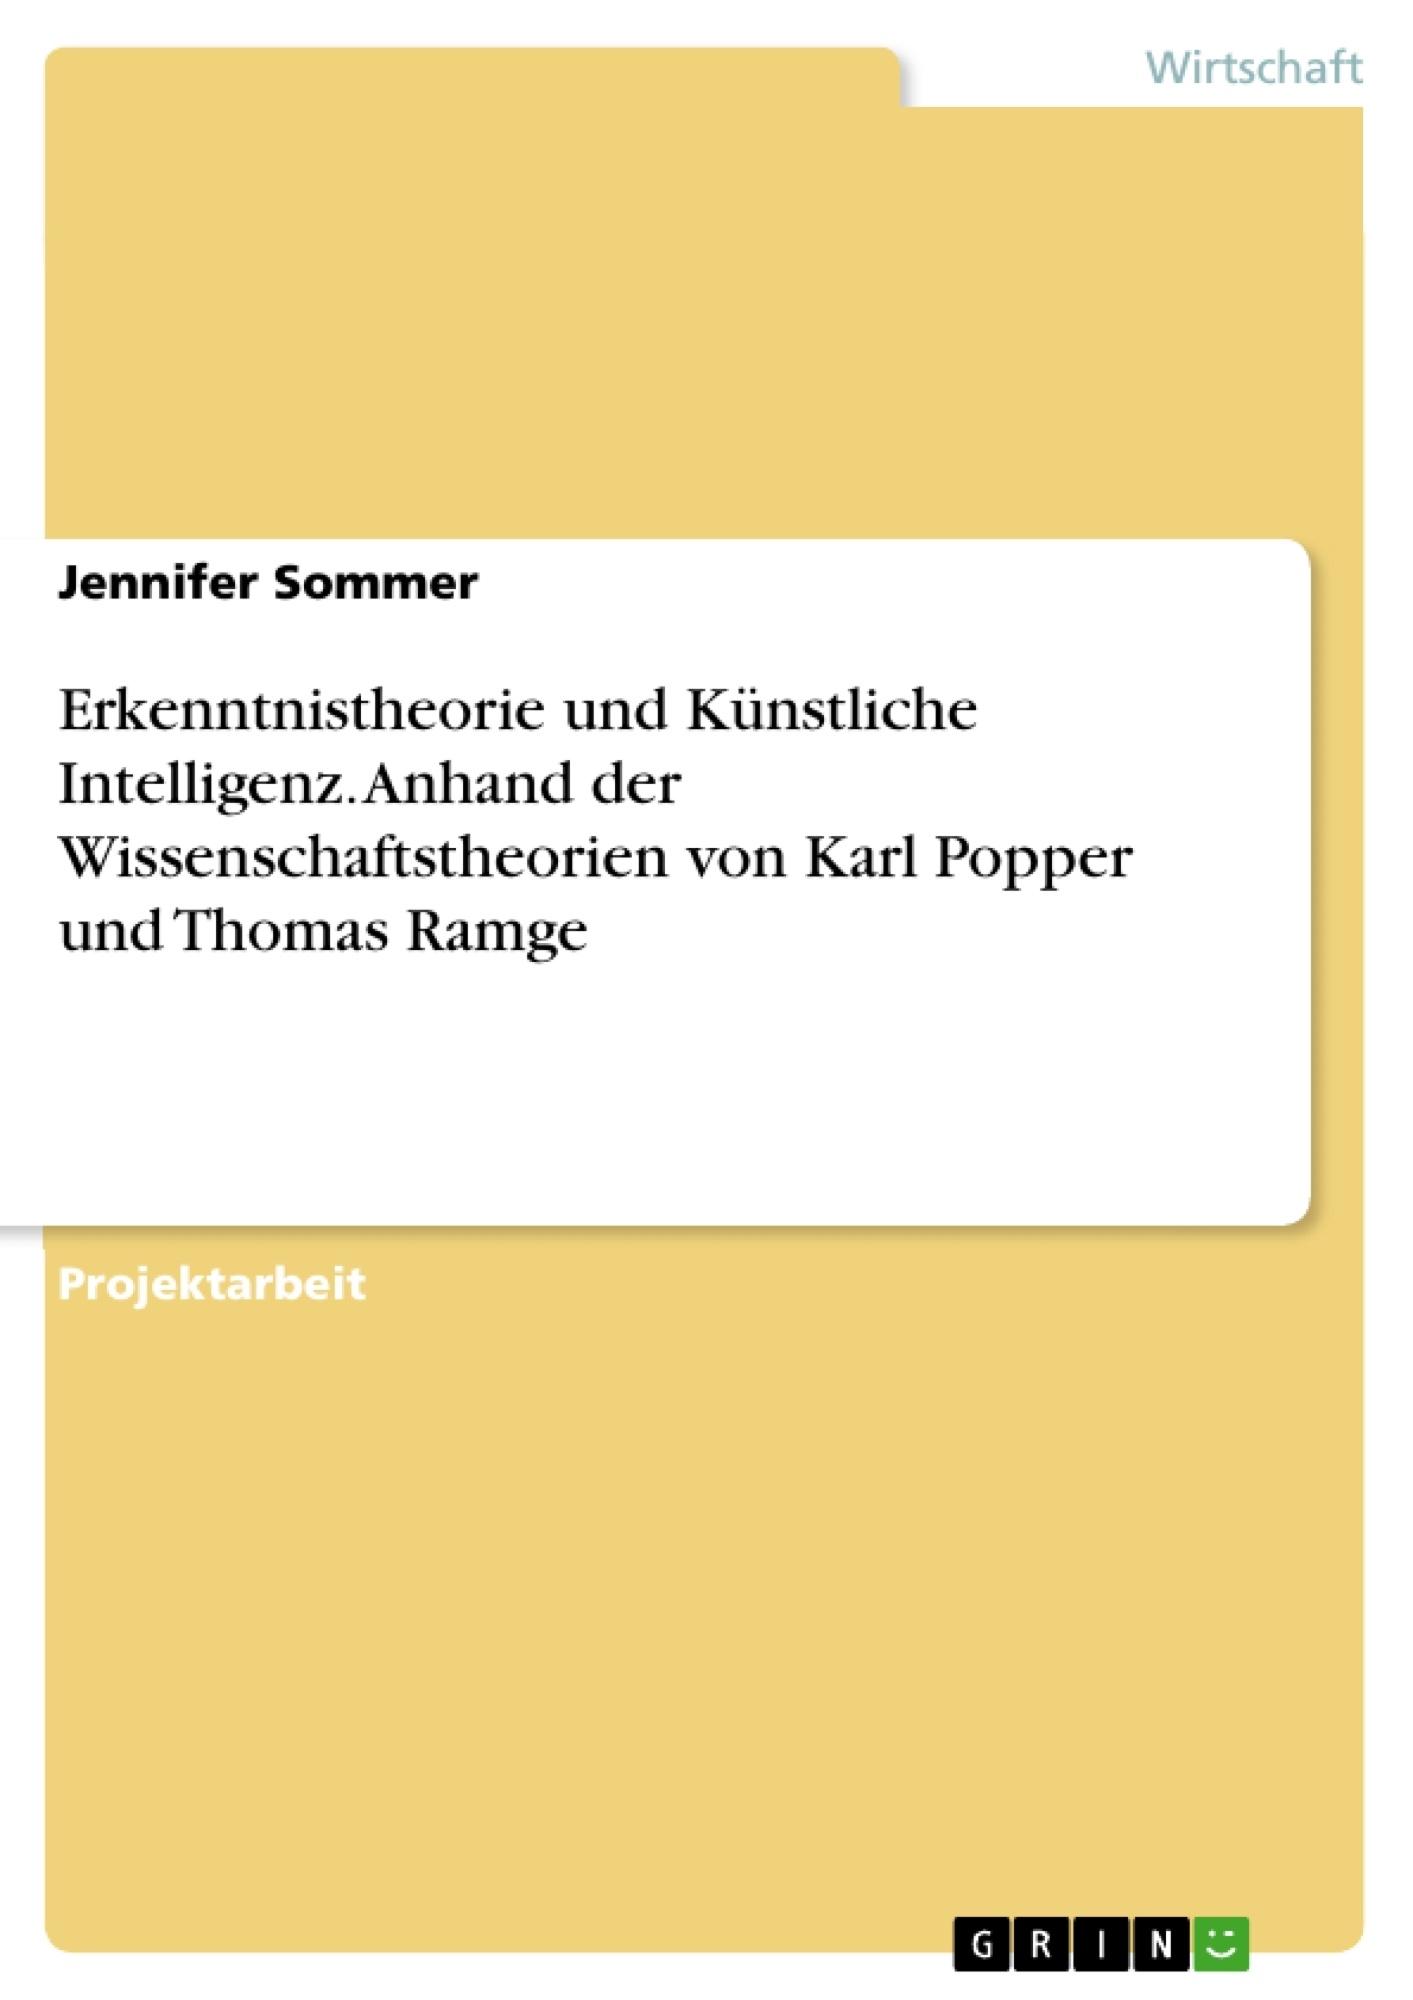 Titel: Erkenntnistheorie und Künstliche Intelligenz. Anhand der Wissenschaftstheorien von Karl Popper und Thomas Ramge